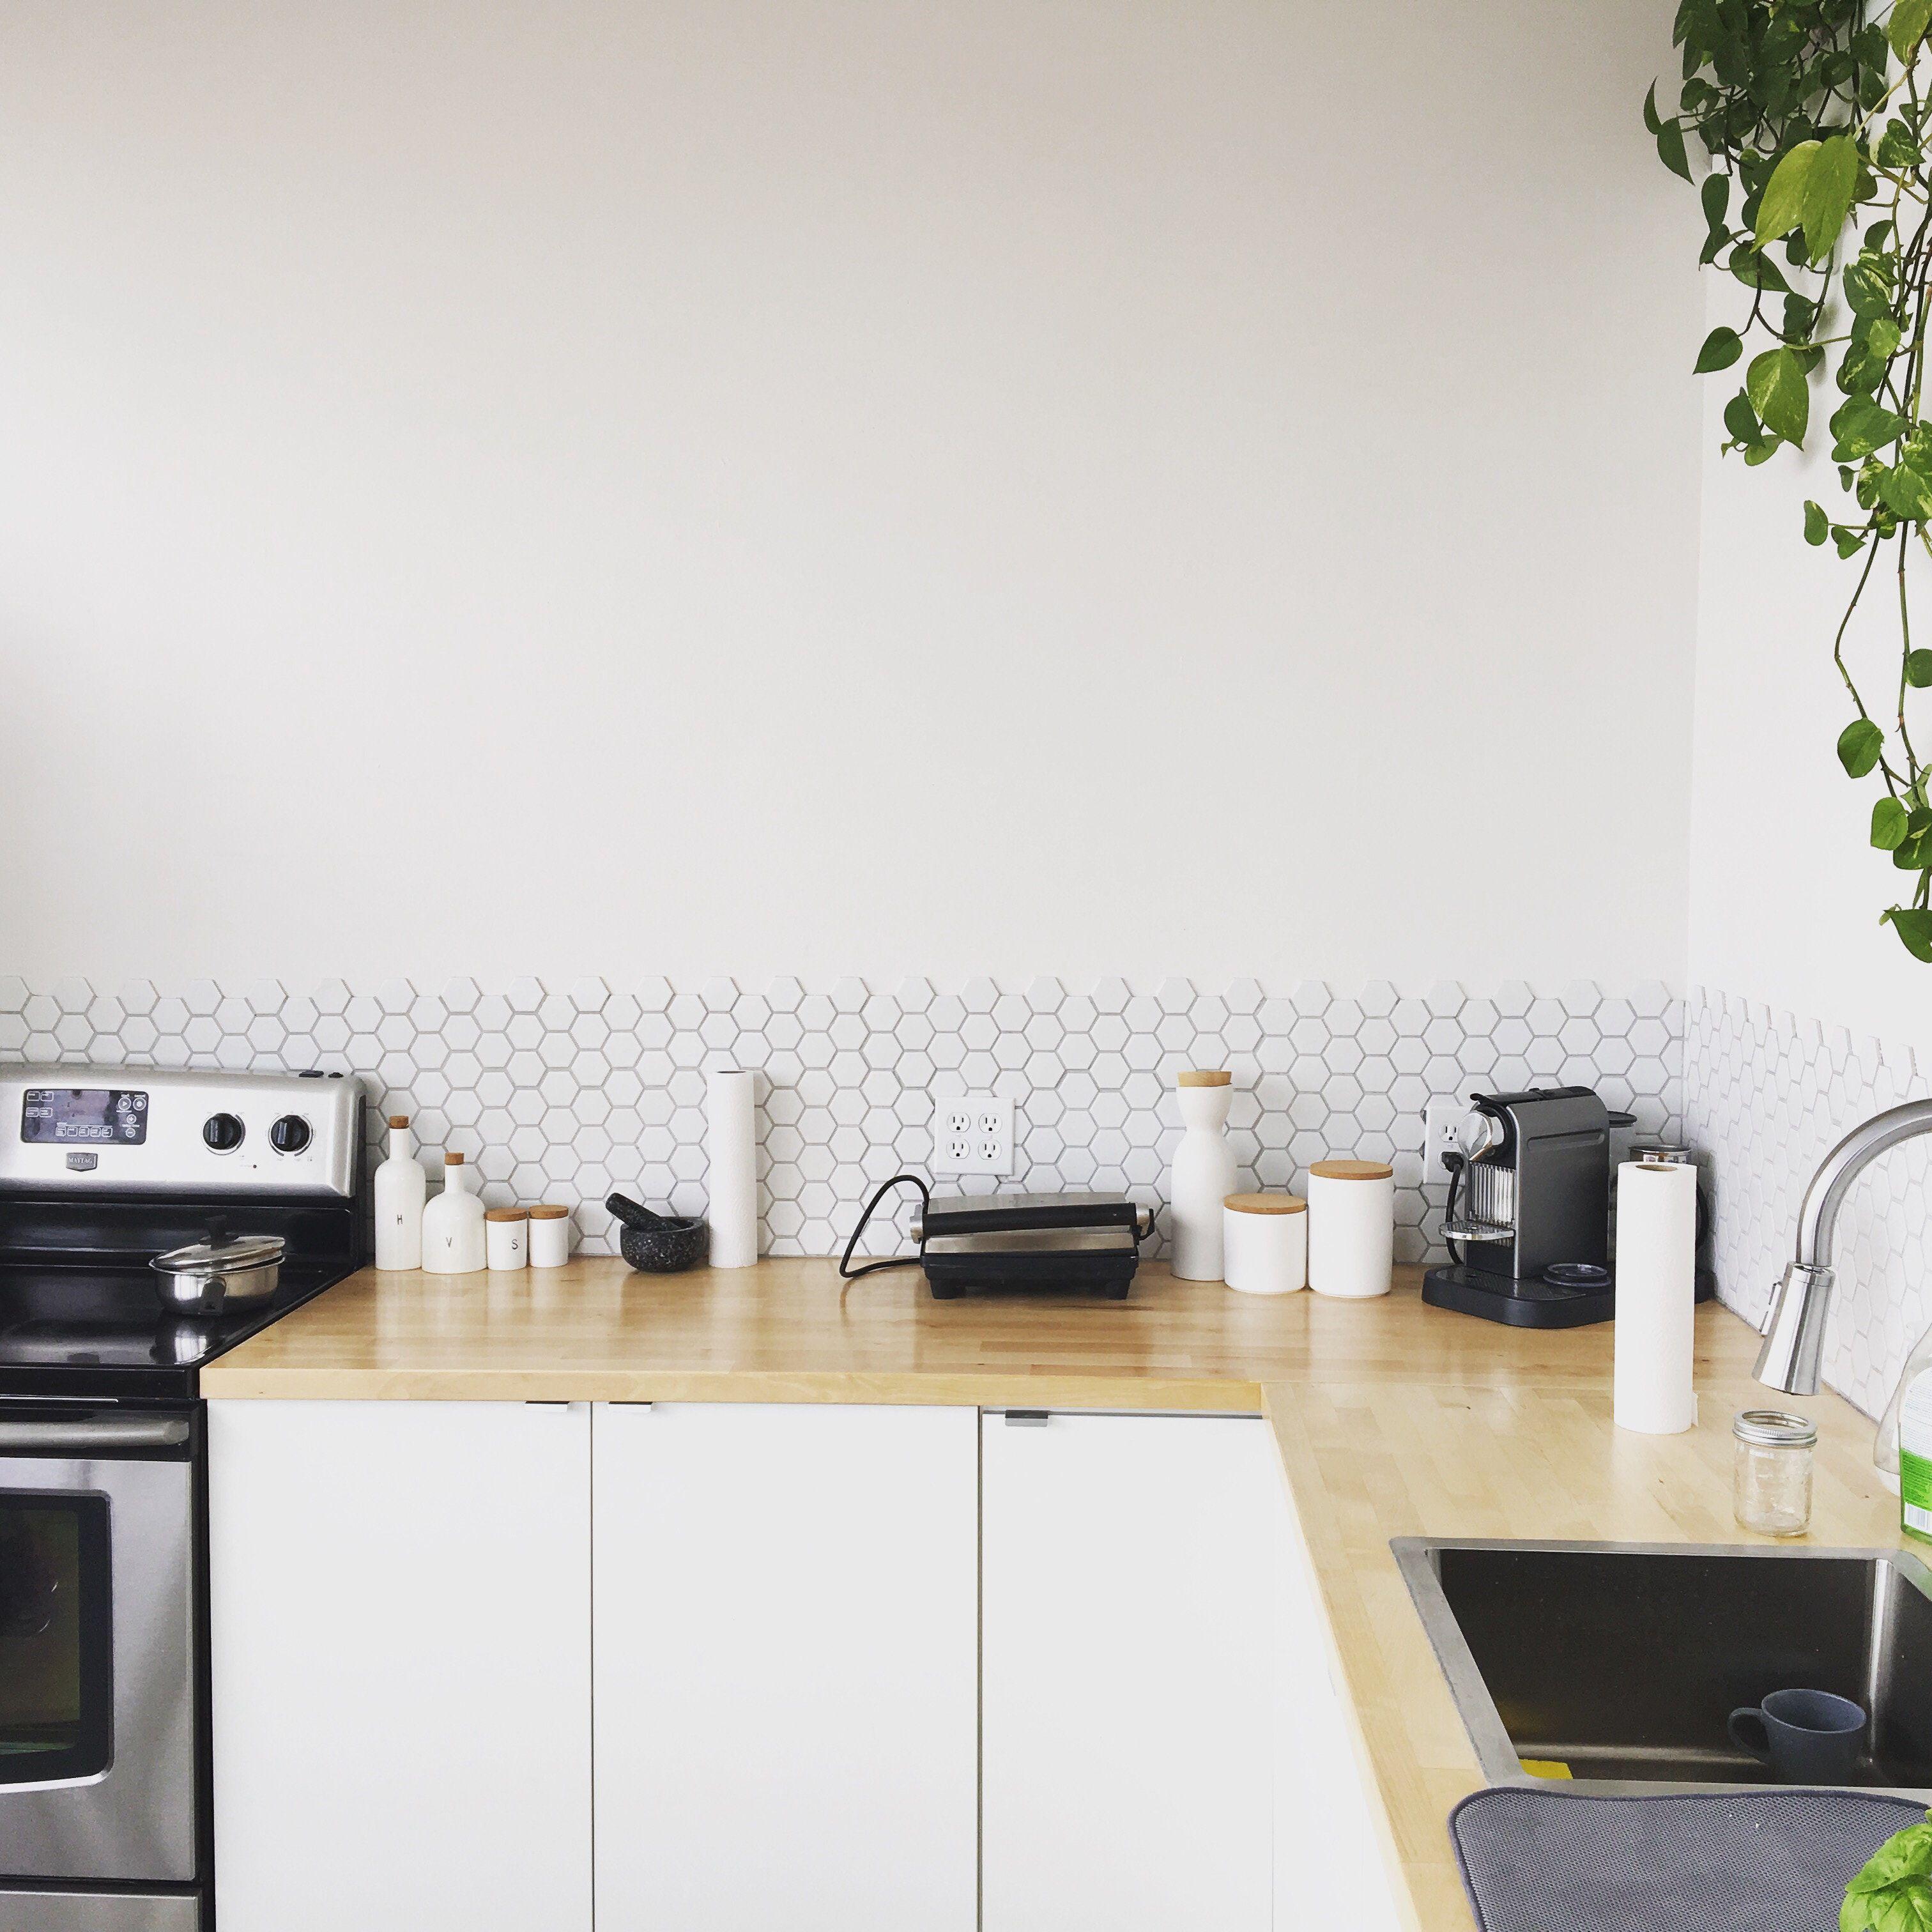 Küche aufräumen leicht gemacht: Mit diesen Tipps schaffen Sie ...